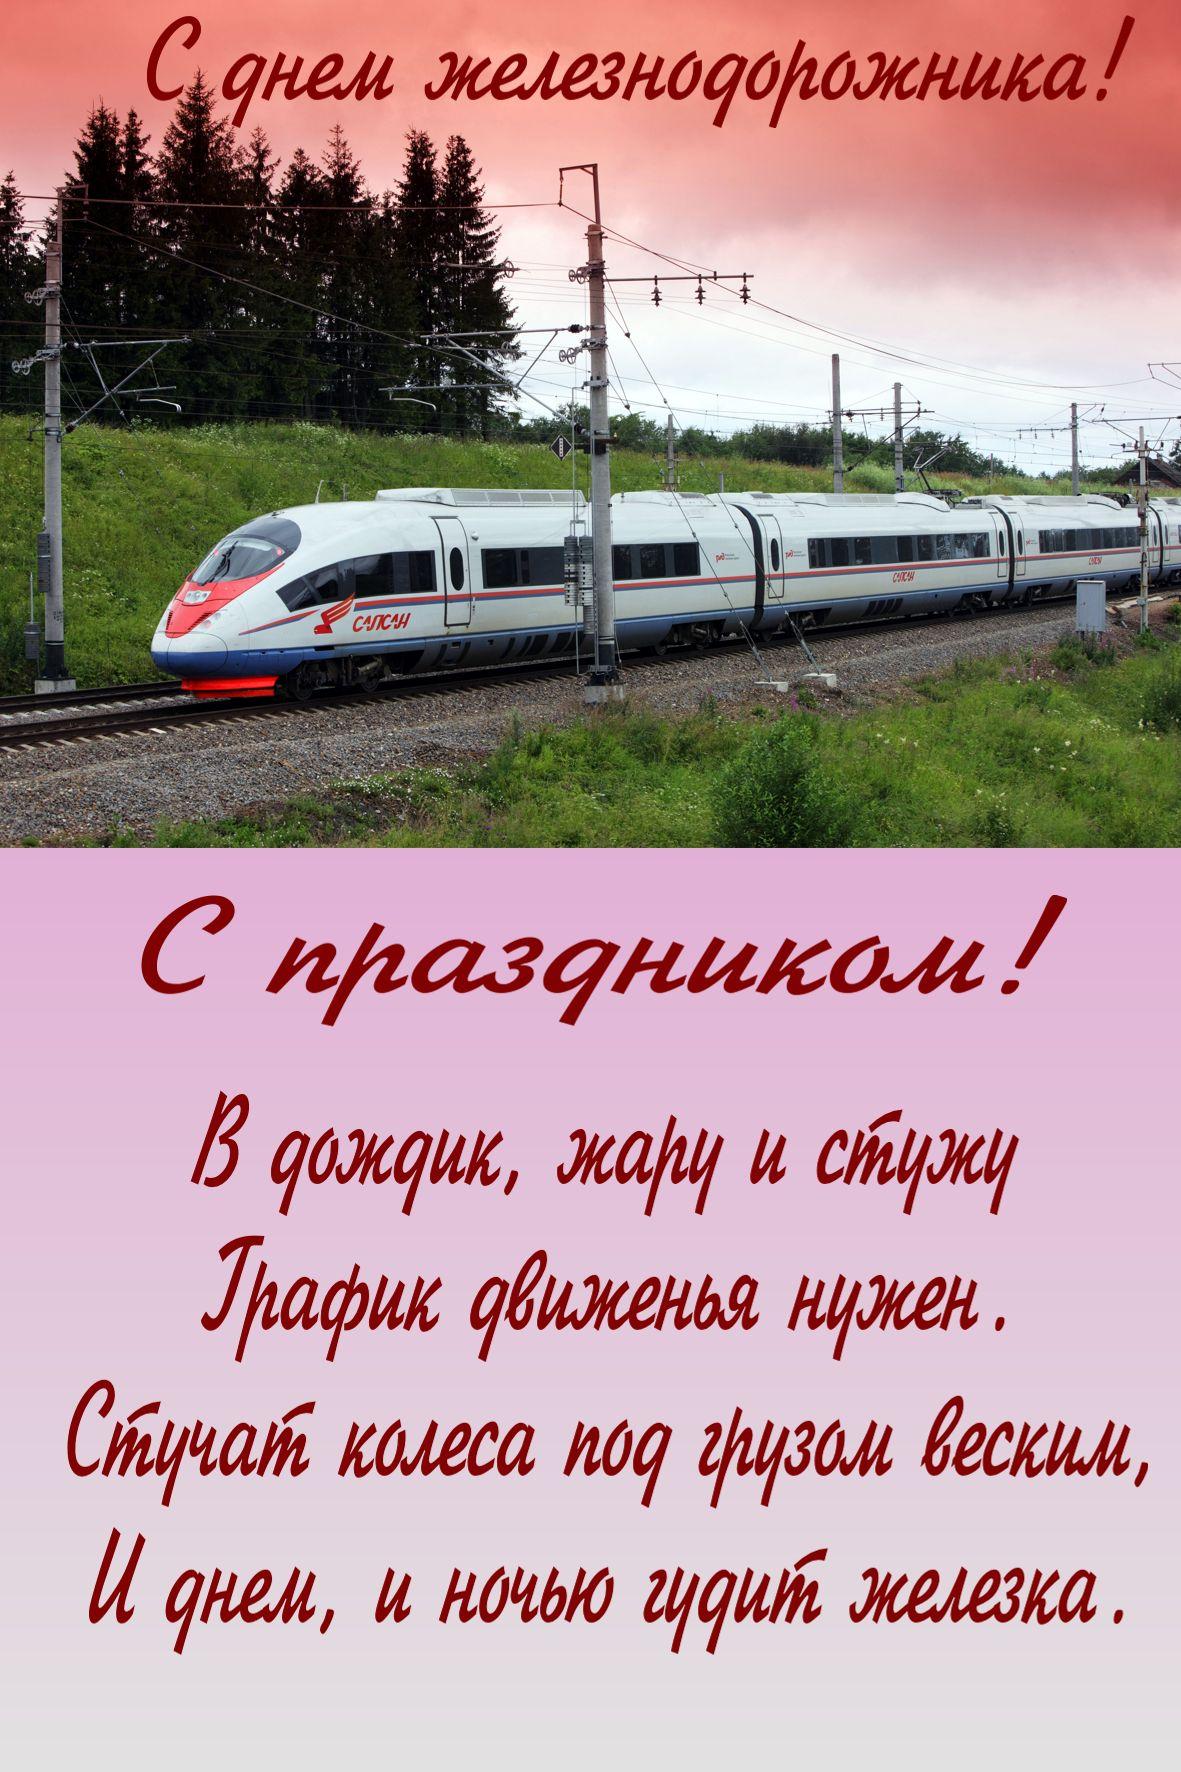 Поздравления с днем железнодорожника открытки